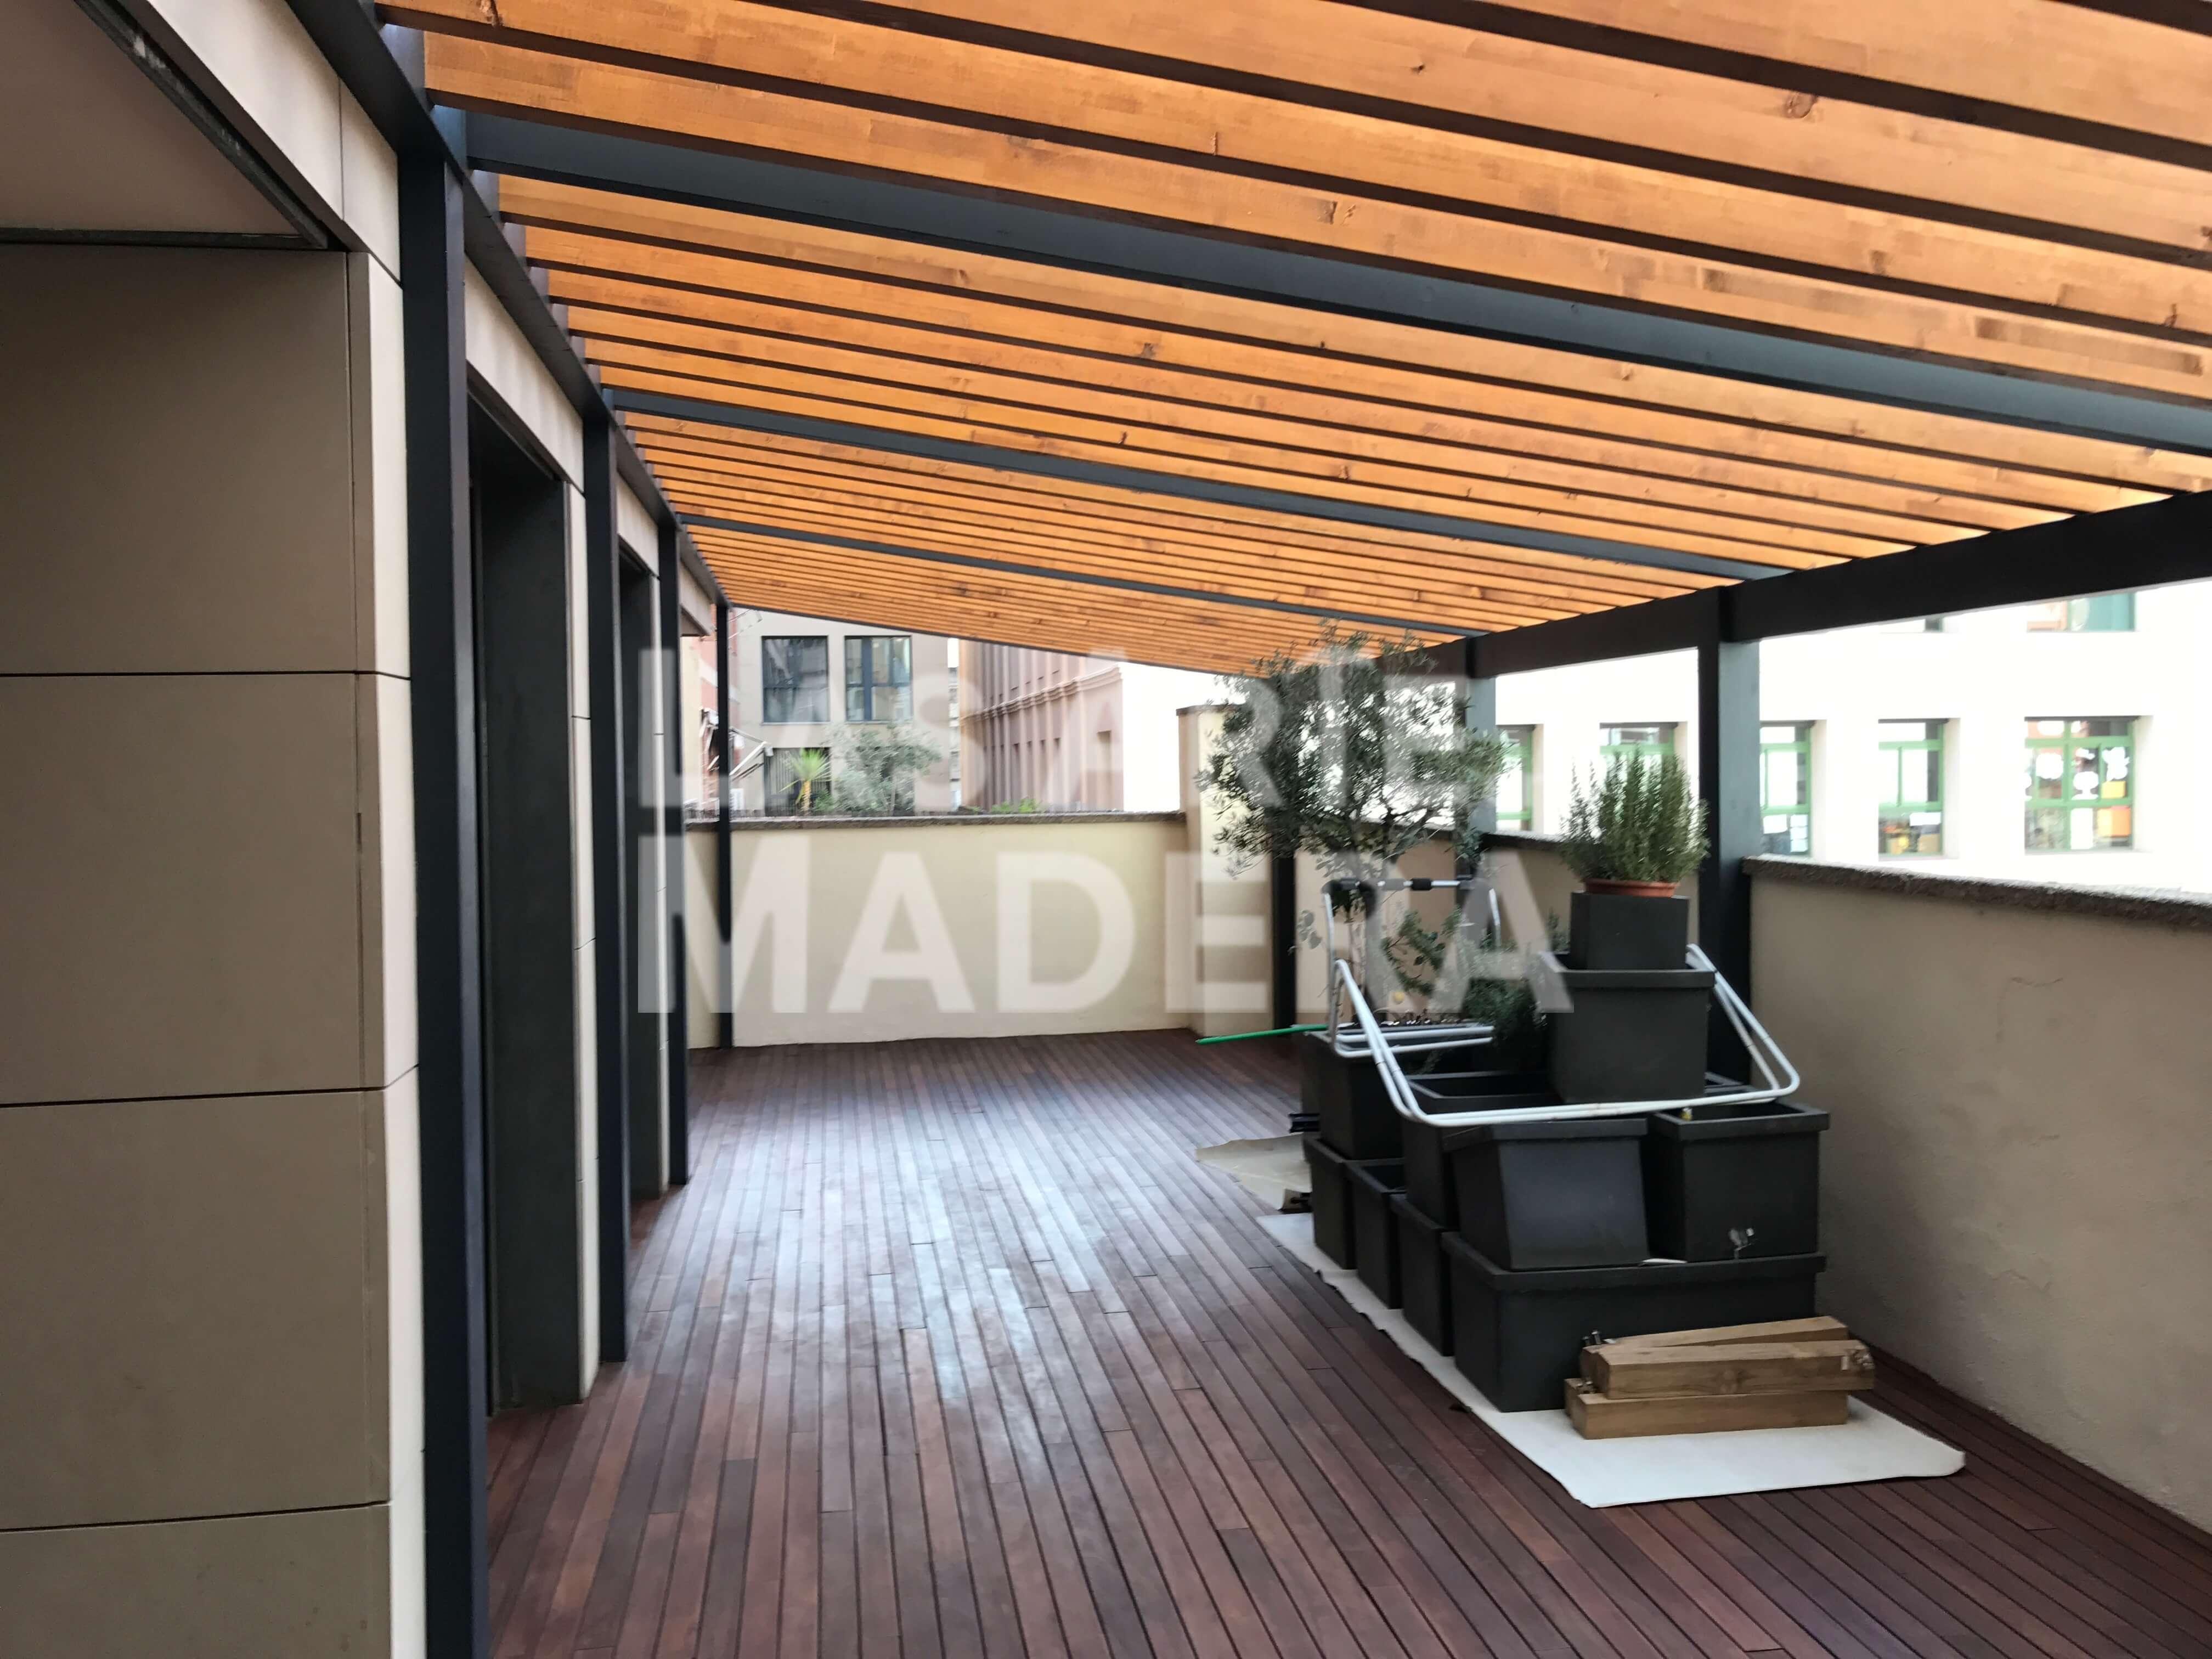 Construcci n de p rgolas de madera en barcelona - Construccion de pergolas de madera ...